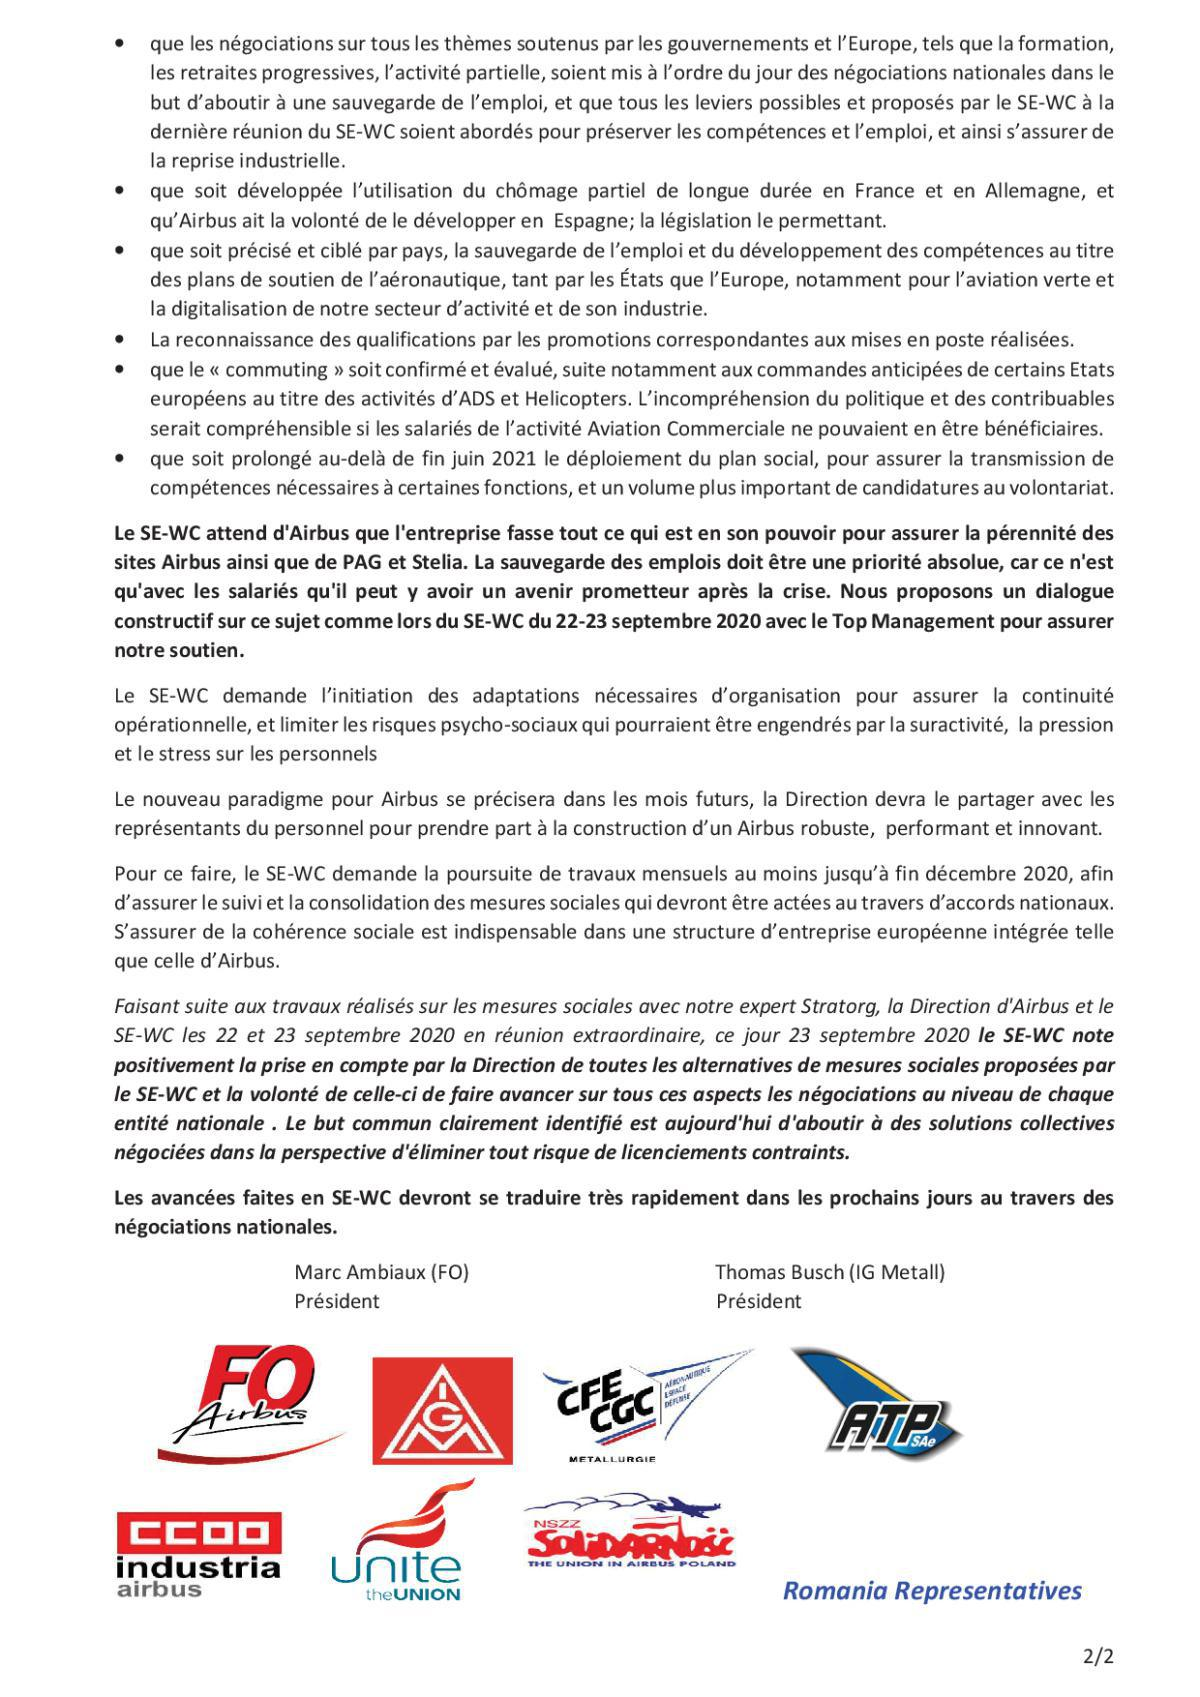 Déclaration du SE-WC des 22 et 23 septembre 2020 - Concernant l'information/consultation du Projet Odyssey